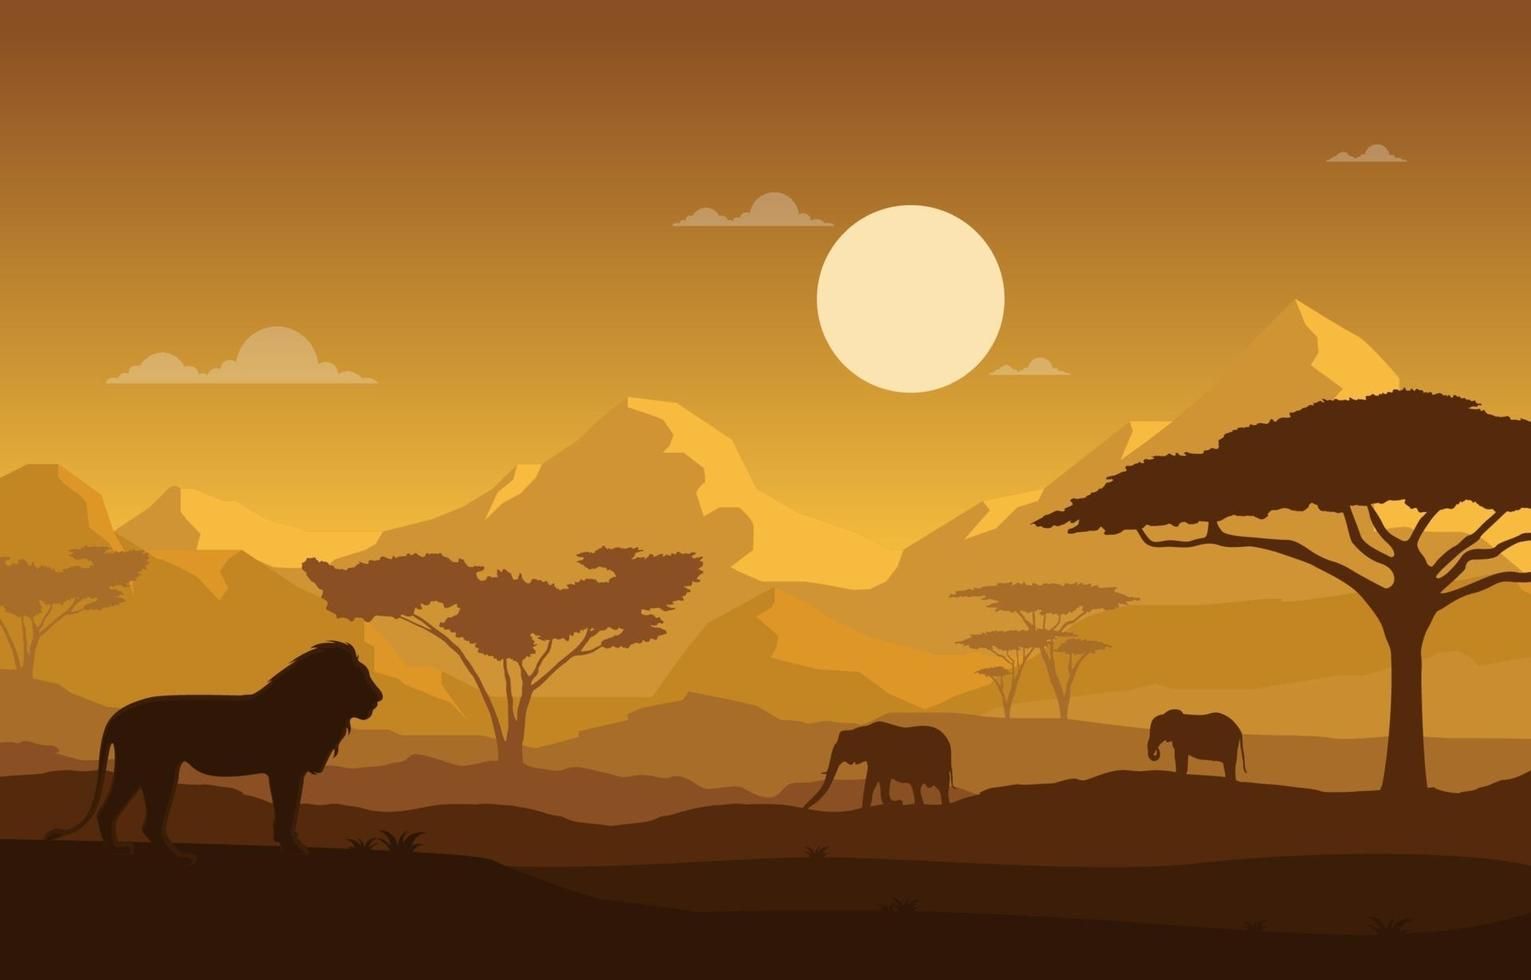 Löwe und Elefanten in afrikanischer Savannenlandschaftsillustration vektor